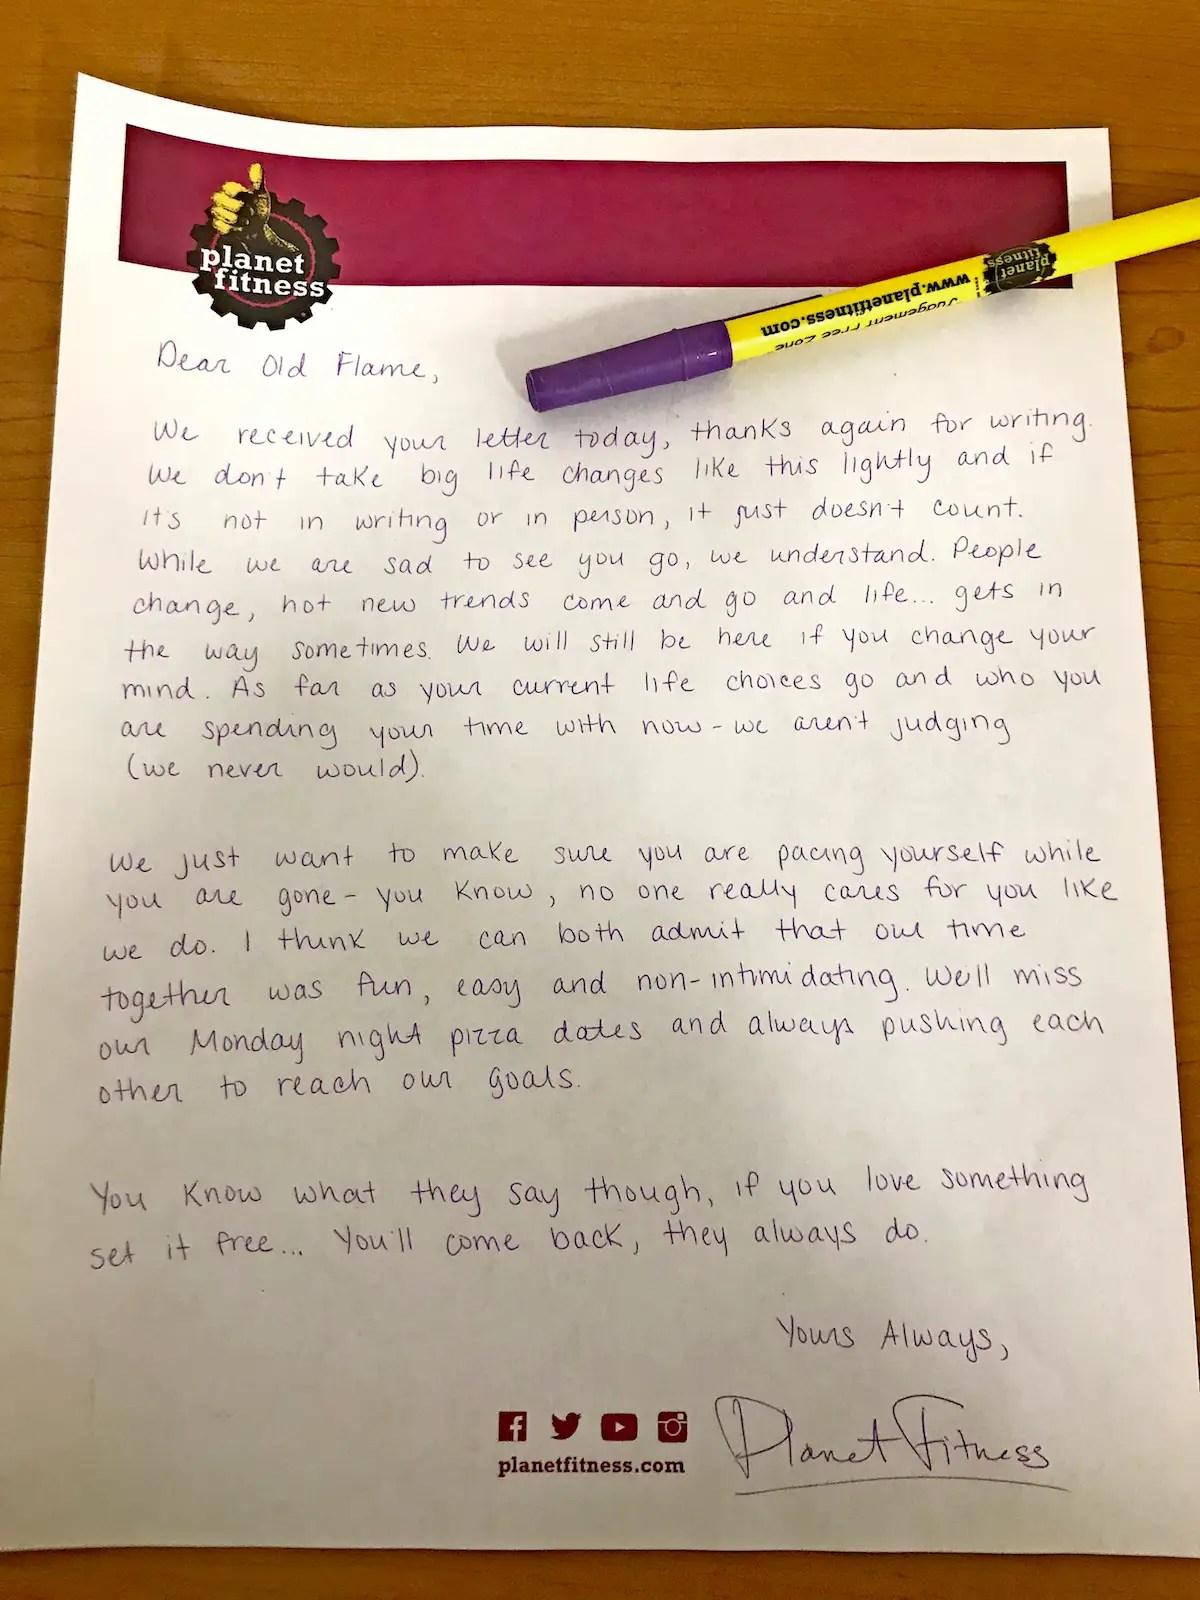 Man Writes Formal Breakup Letter To Planet Fitness Insider